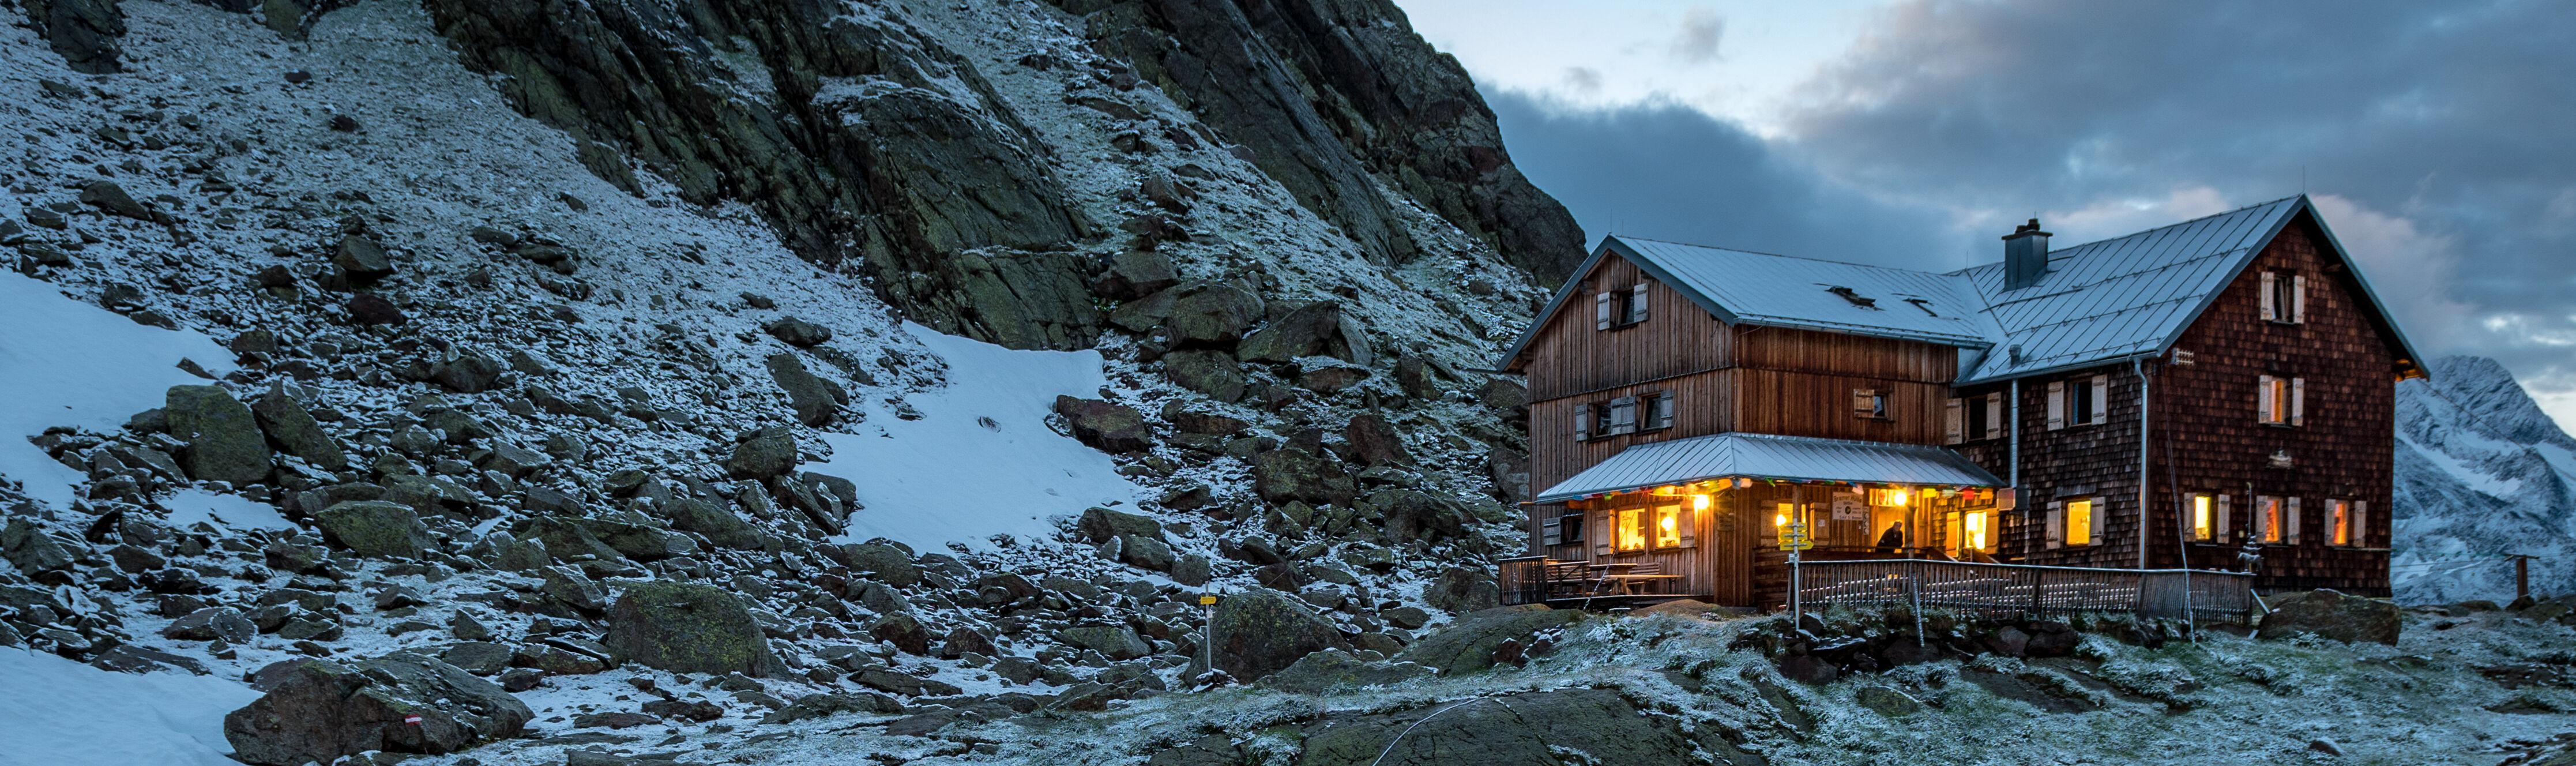 Infrarotheizung Test Berghütte Alpen Erfahrung Stromkosten